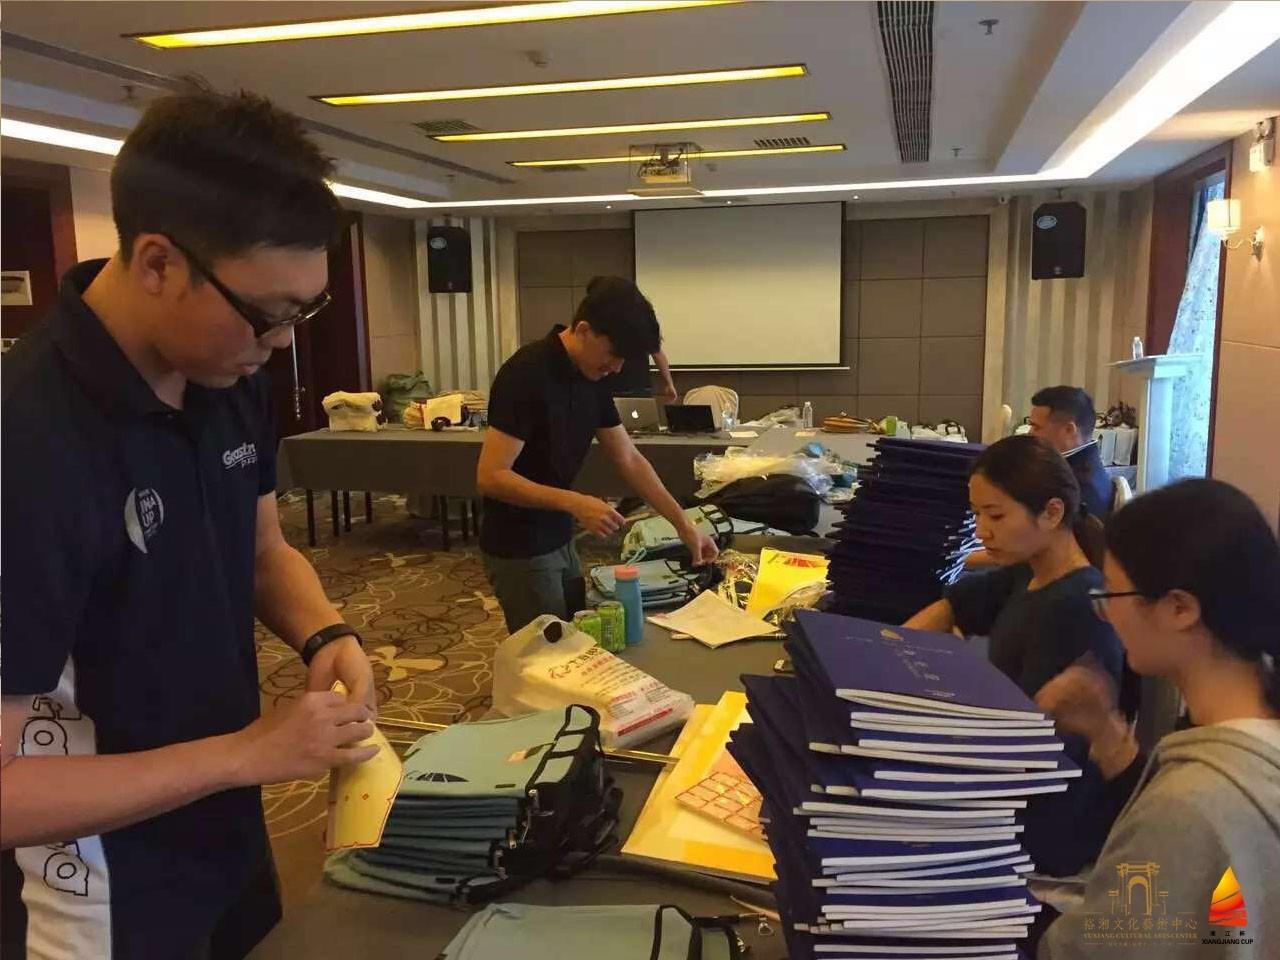 第二届湘江杯国际帆船赛丨今日迎接各国参赛运动员报到 e8ddb8d9aac92369a6b13284e406e42e.jpg